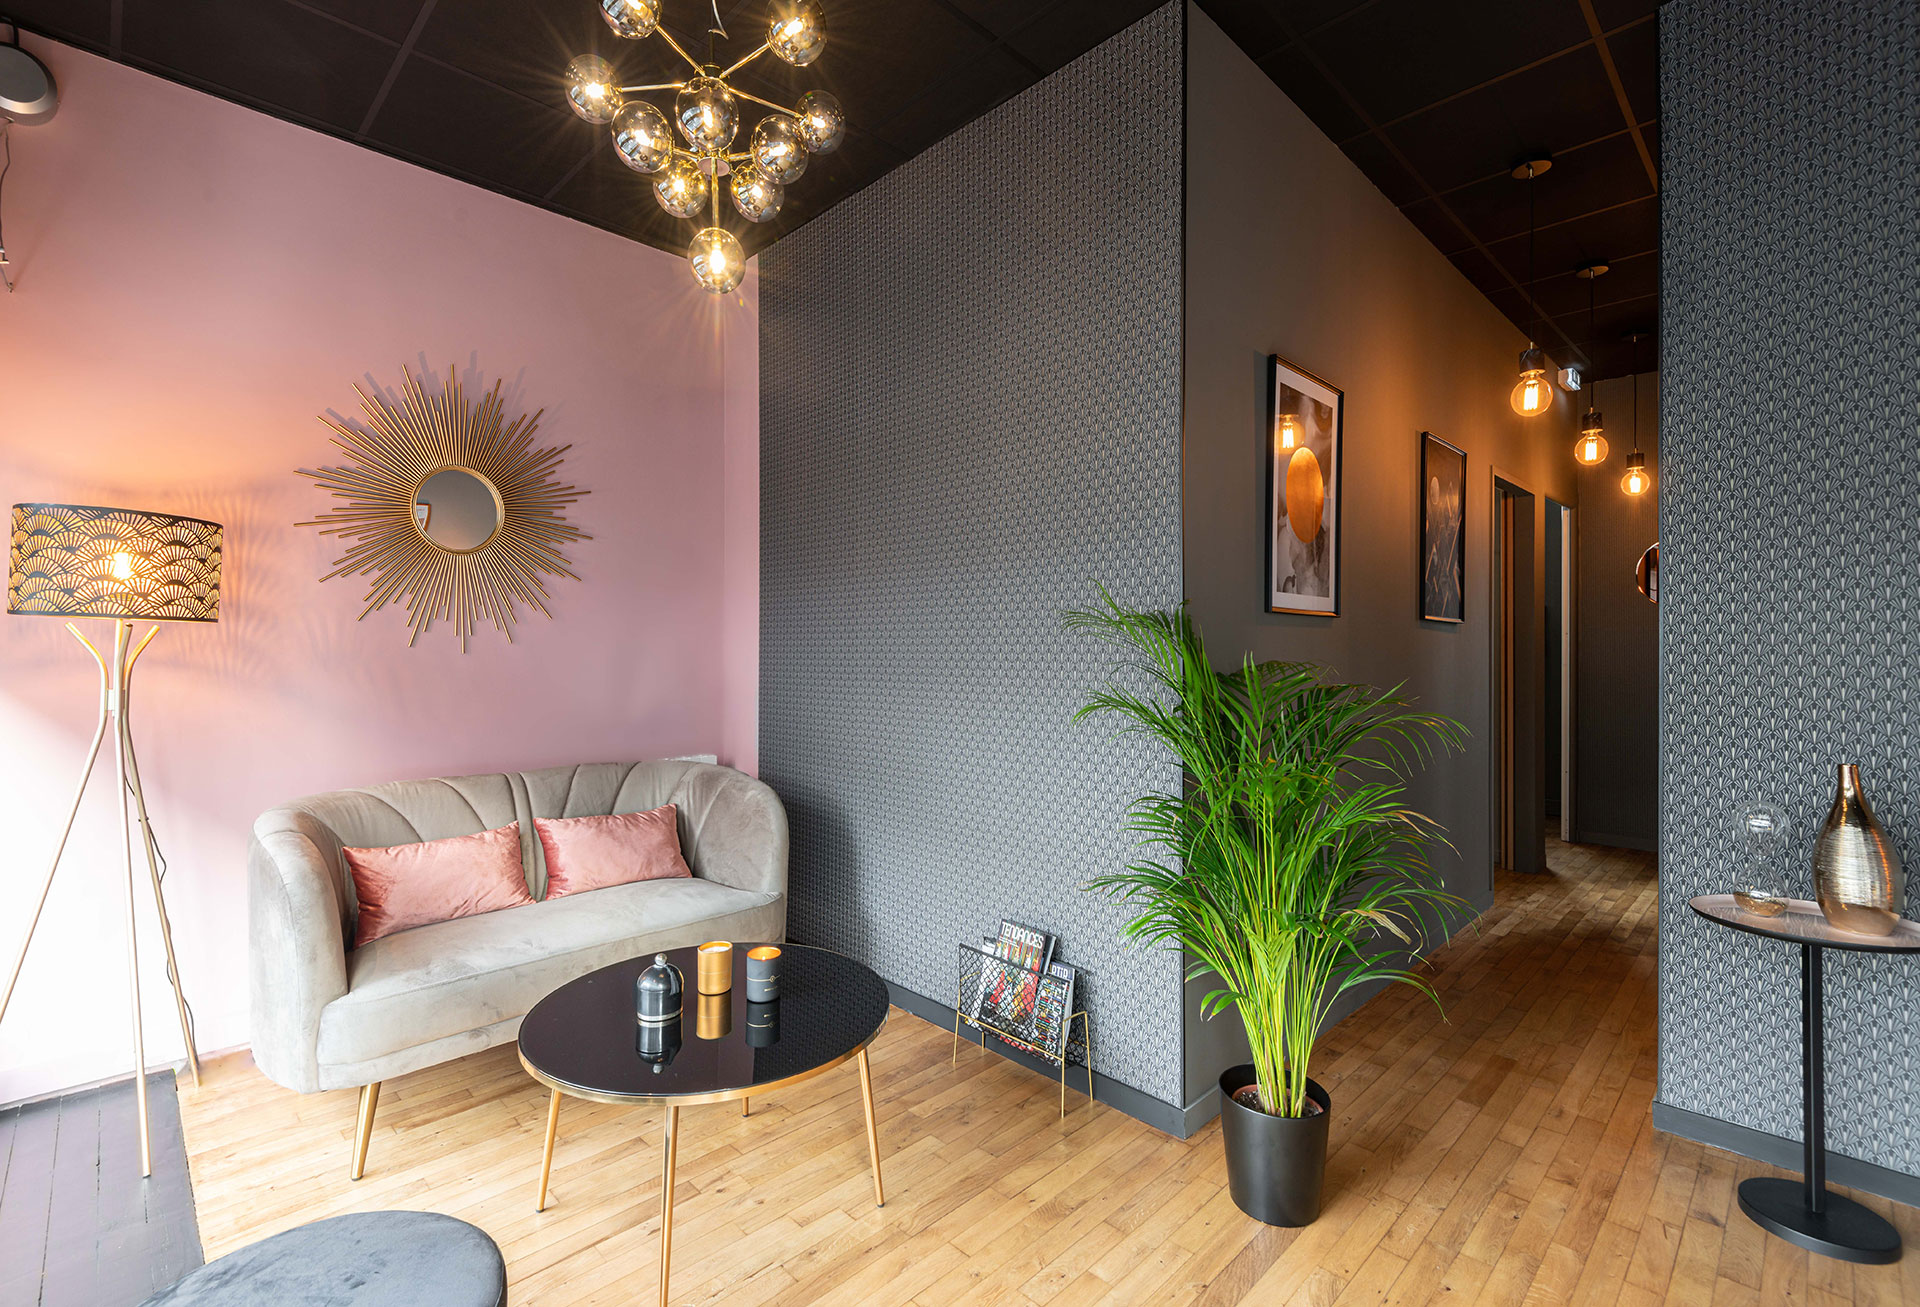 Ambiance et rénovation pour un institut de beauté à Lorient, Agence BFB Lorient et Ile de Ré, salon d'accueil avec canapé gris et mur rose poudré - Papier peint noir et doré